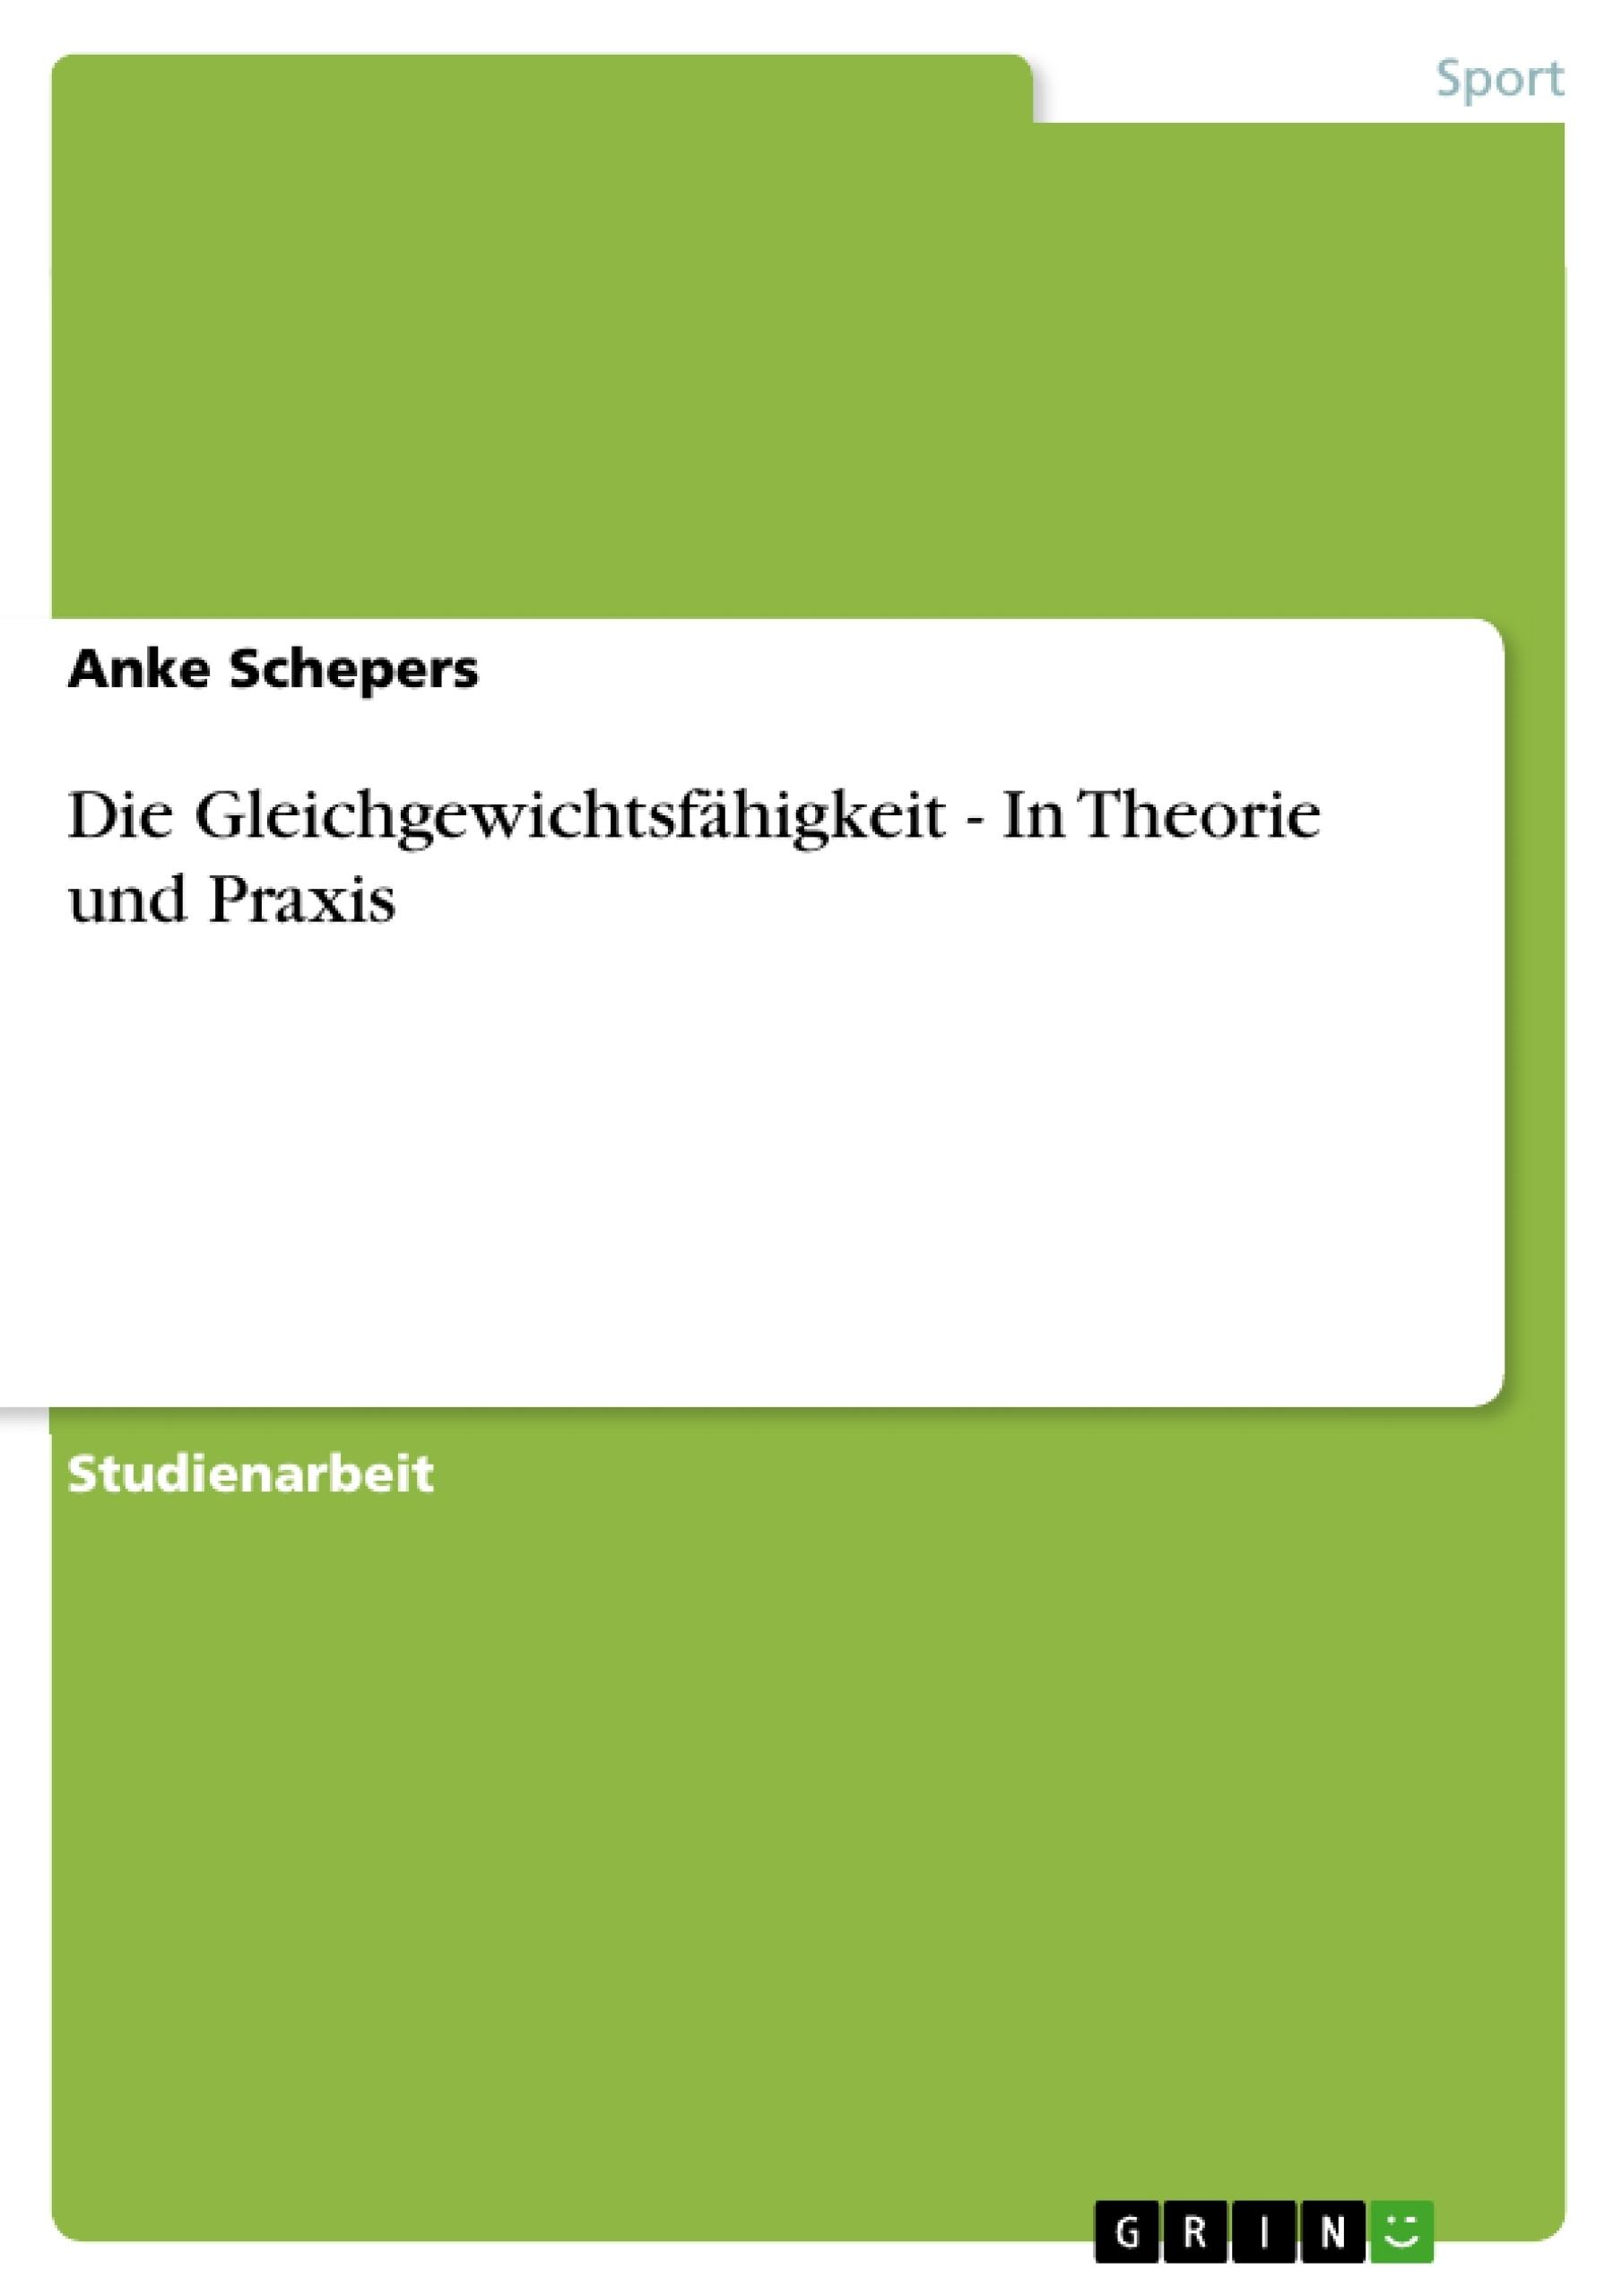 Titel: Die Gleichgewichtsfähigkeit - In Theorie und Praxis